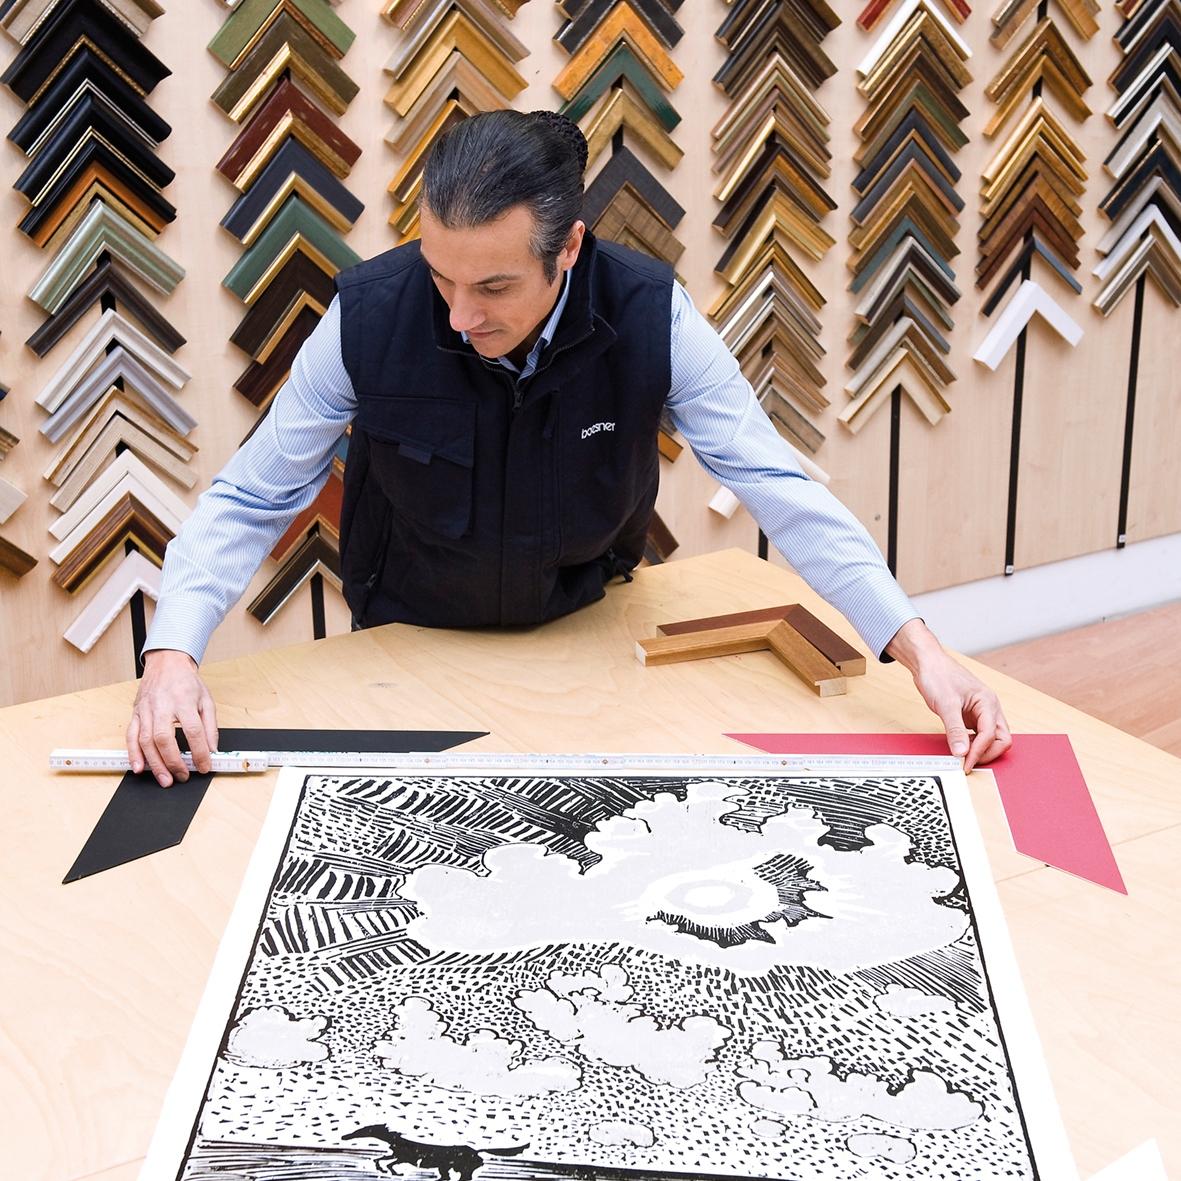 Job offer boesner berlin sucht kundenberater artconnect for Art director jobs berlin